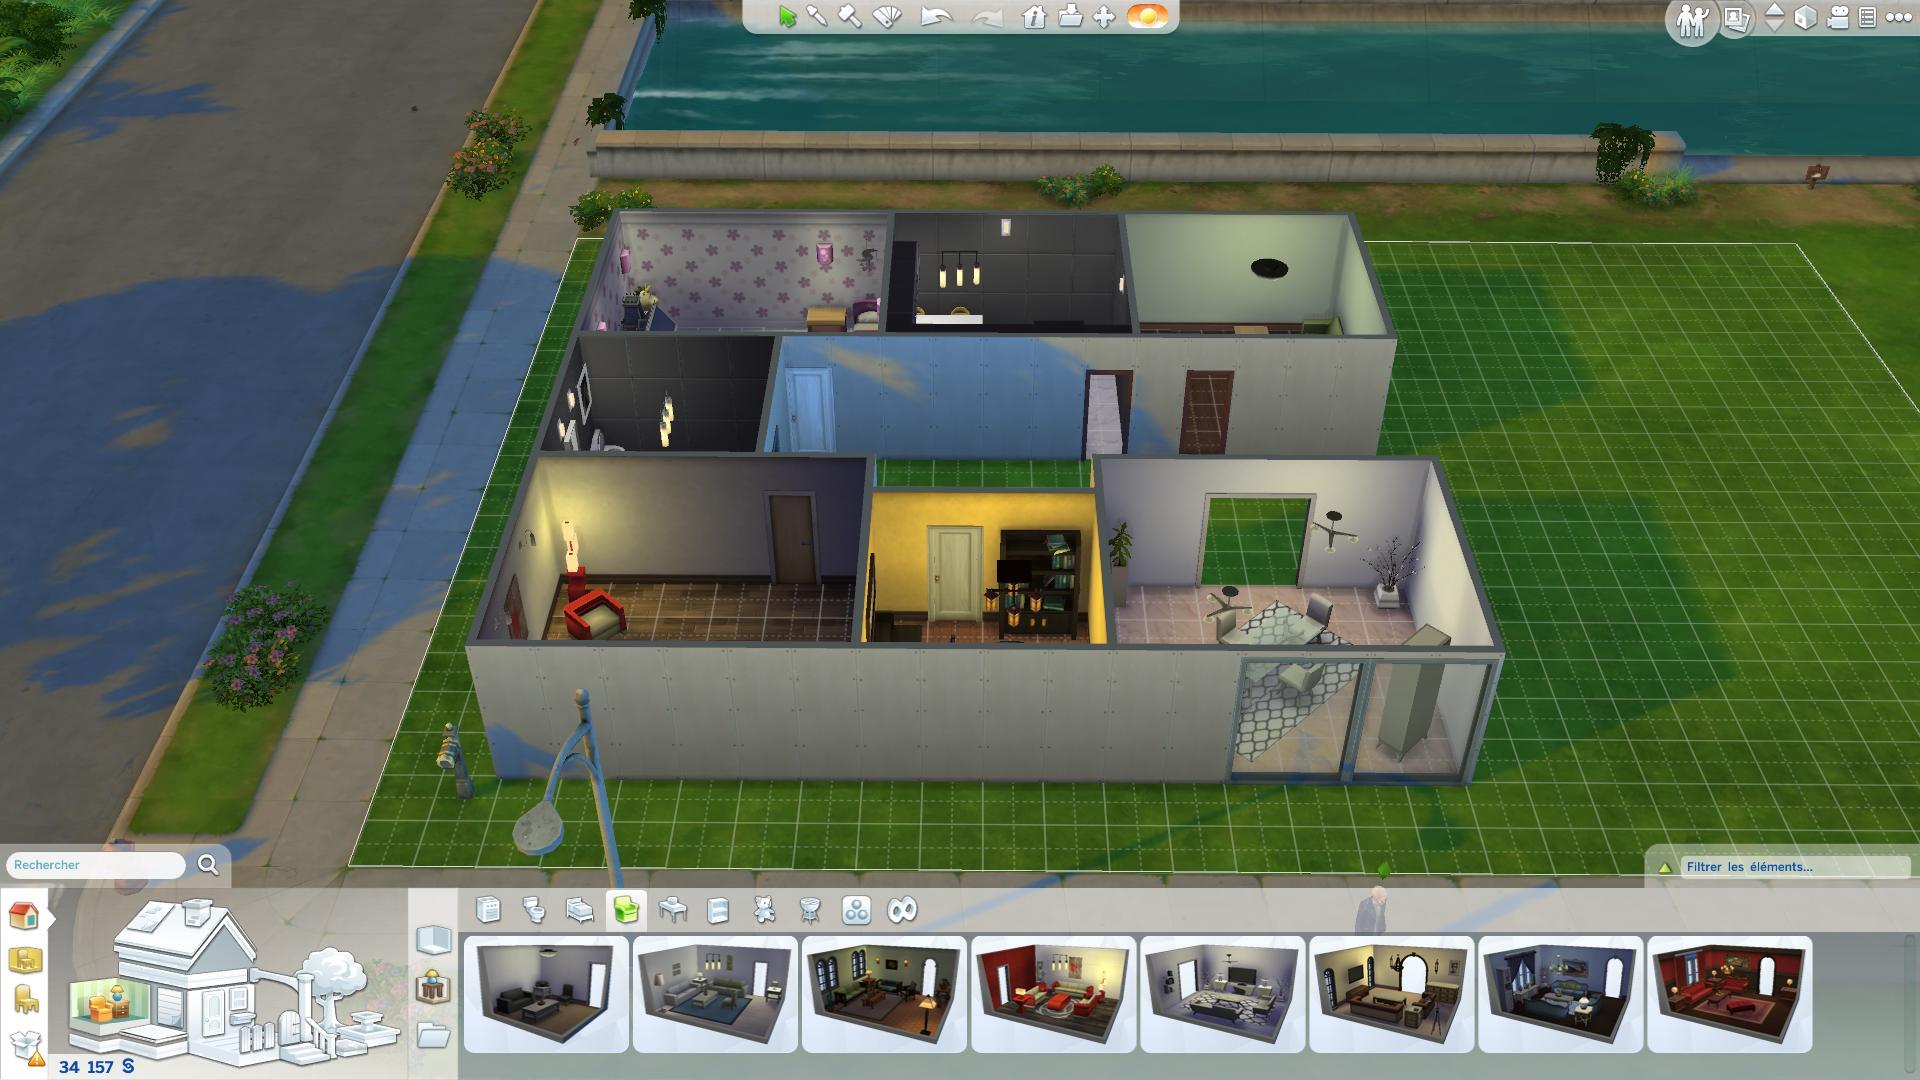 sims 4 maison de luxe interieur. Black Bedroom Furniture Sets. Home Design Ideas